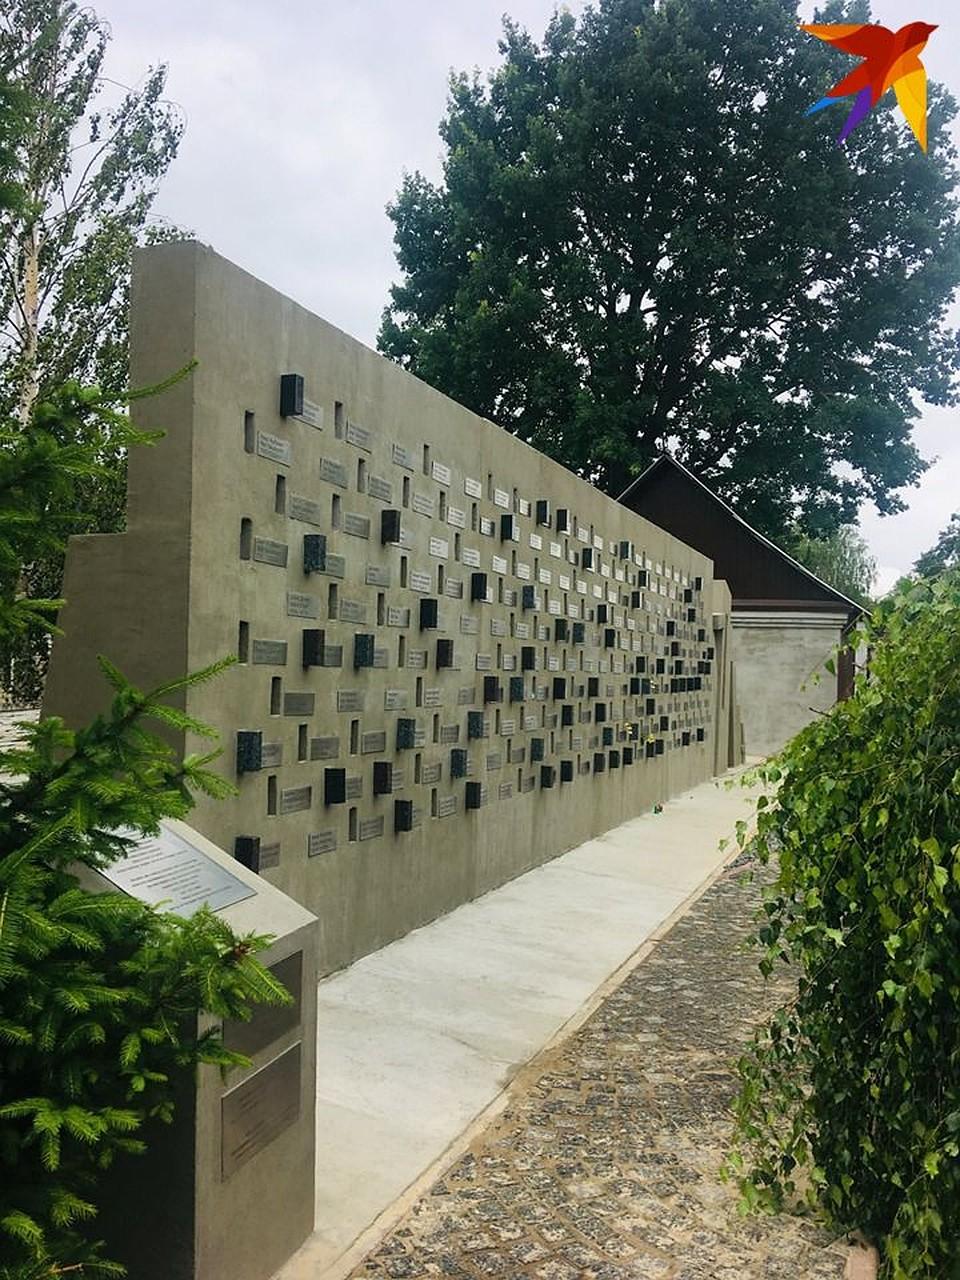 В июле в Новогрудке открыли Стену Памяти, посвященную евреям, бежавшим в 1943 году из Новогрудского гетто в партизанский отряд братьев Бельских. Фото: Музей еврейского сопротивления в Новогрудке.